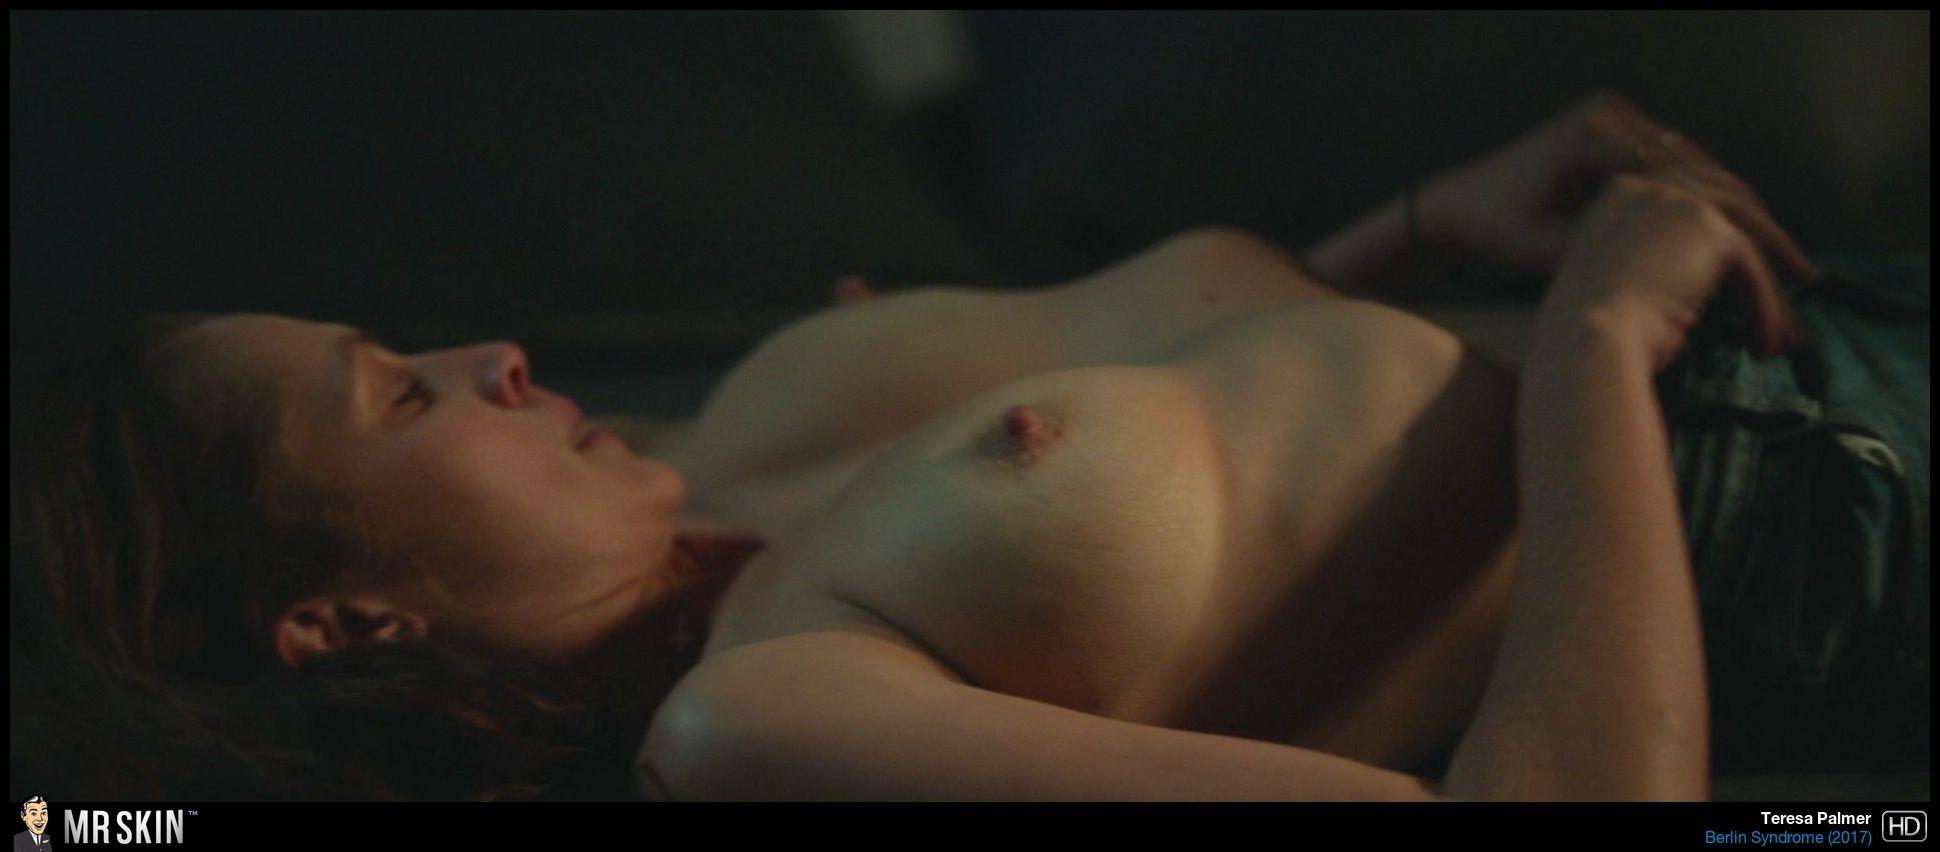 Teresa Palmer desnudas follando